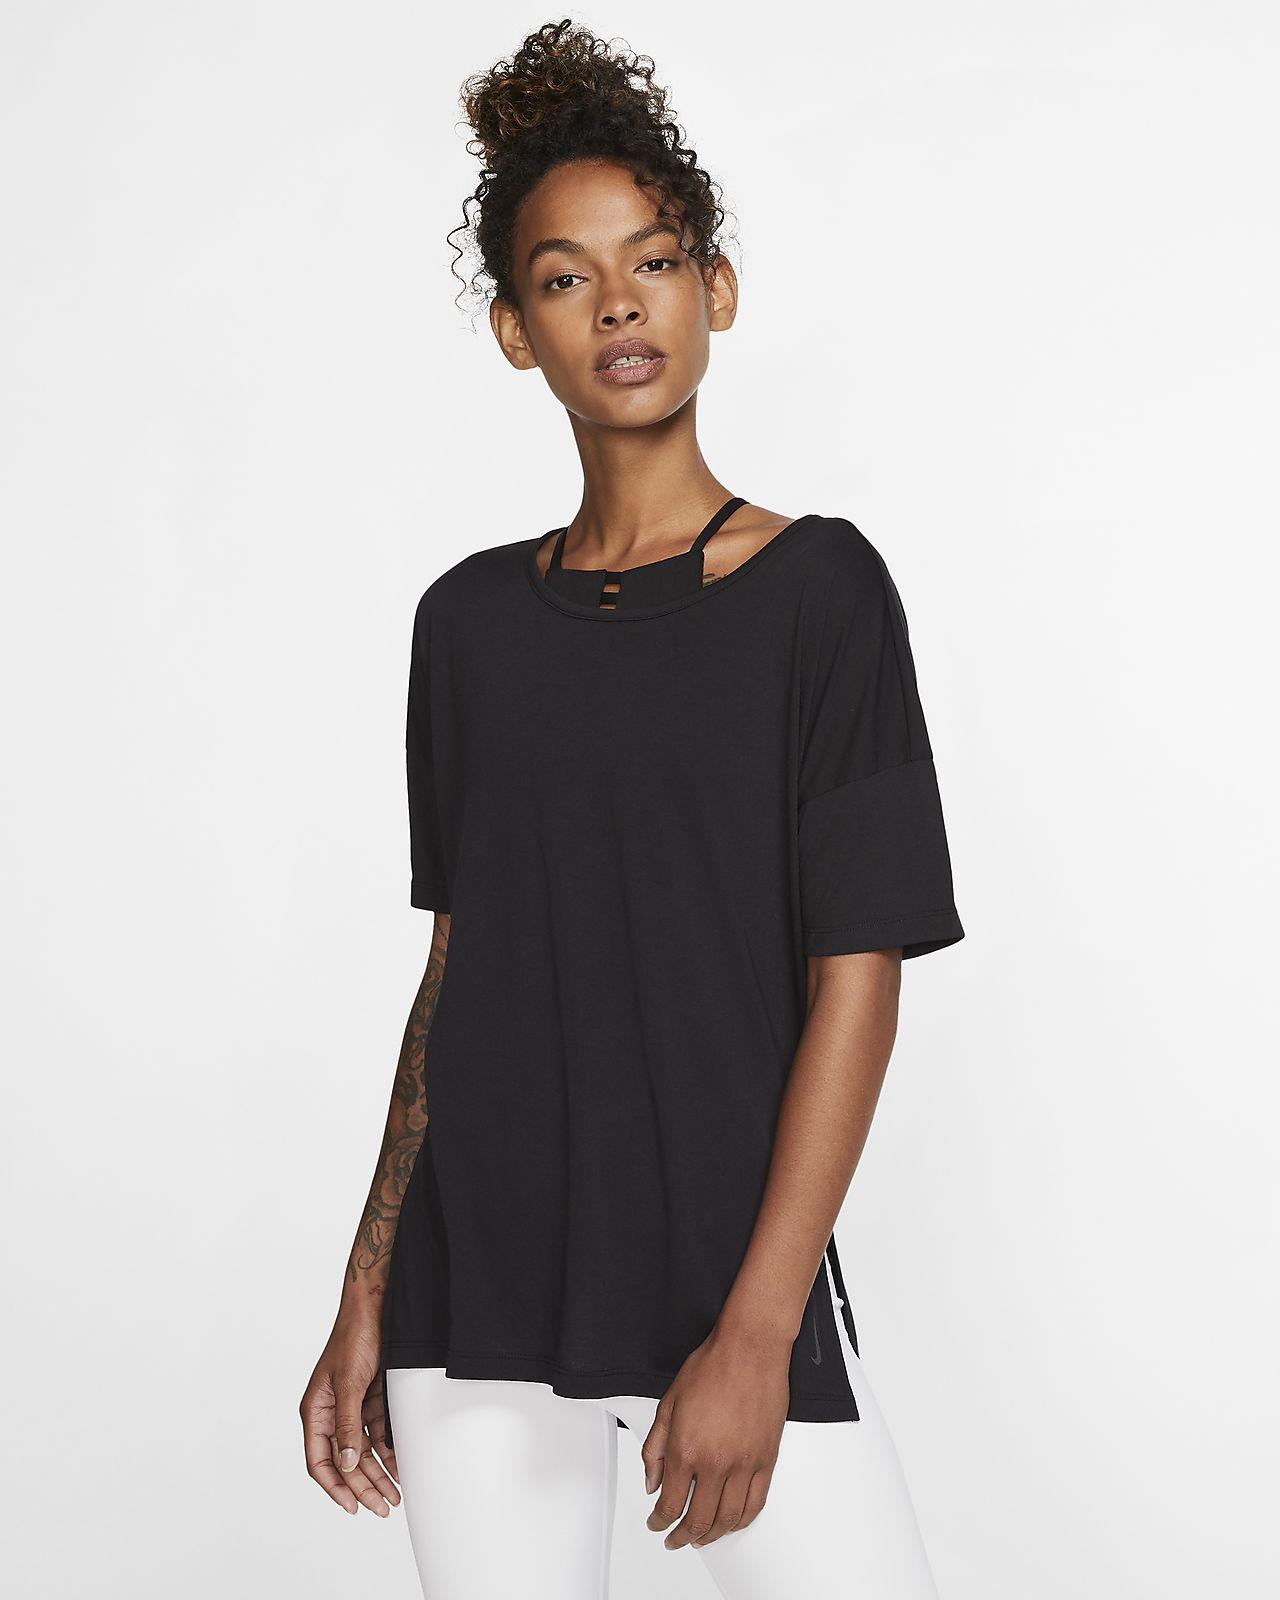 Damska koszulka z krótkim rękawem Nike Yoga